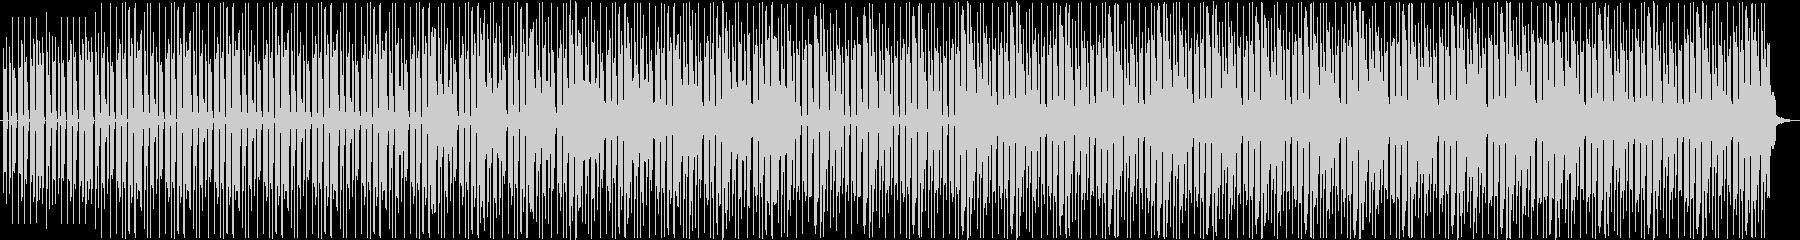 パーカッション&ギター・スポーティの未再生の波形